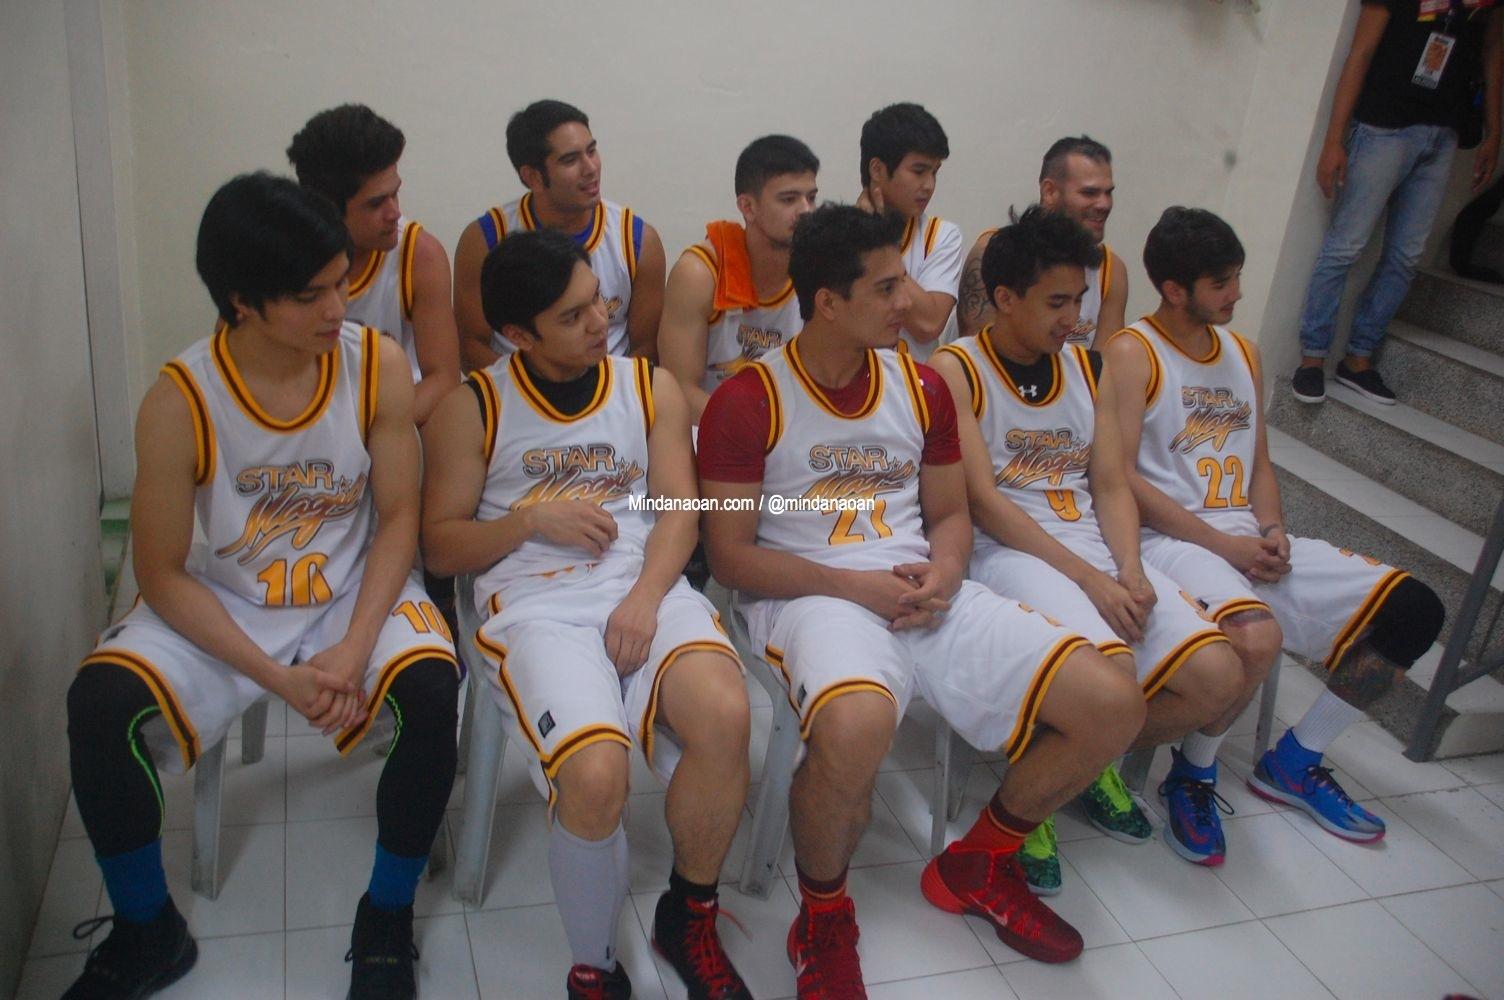 Photos: Gerald Anderson and Star Magic Basketball team in CDO @hashtagprod11